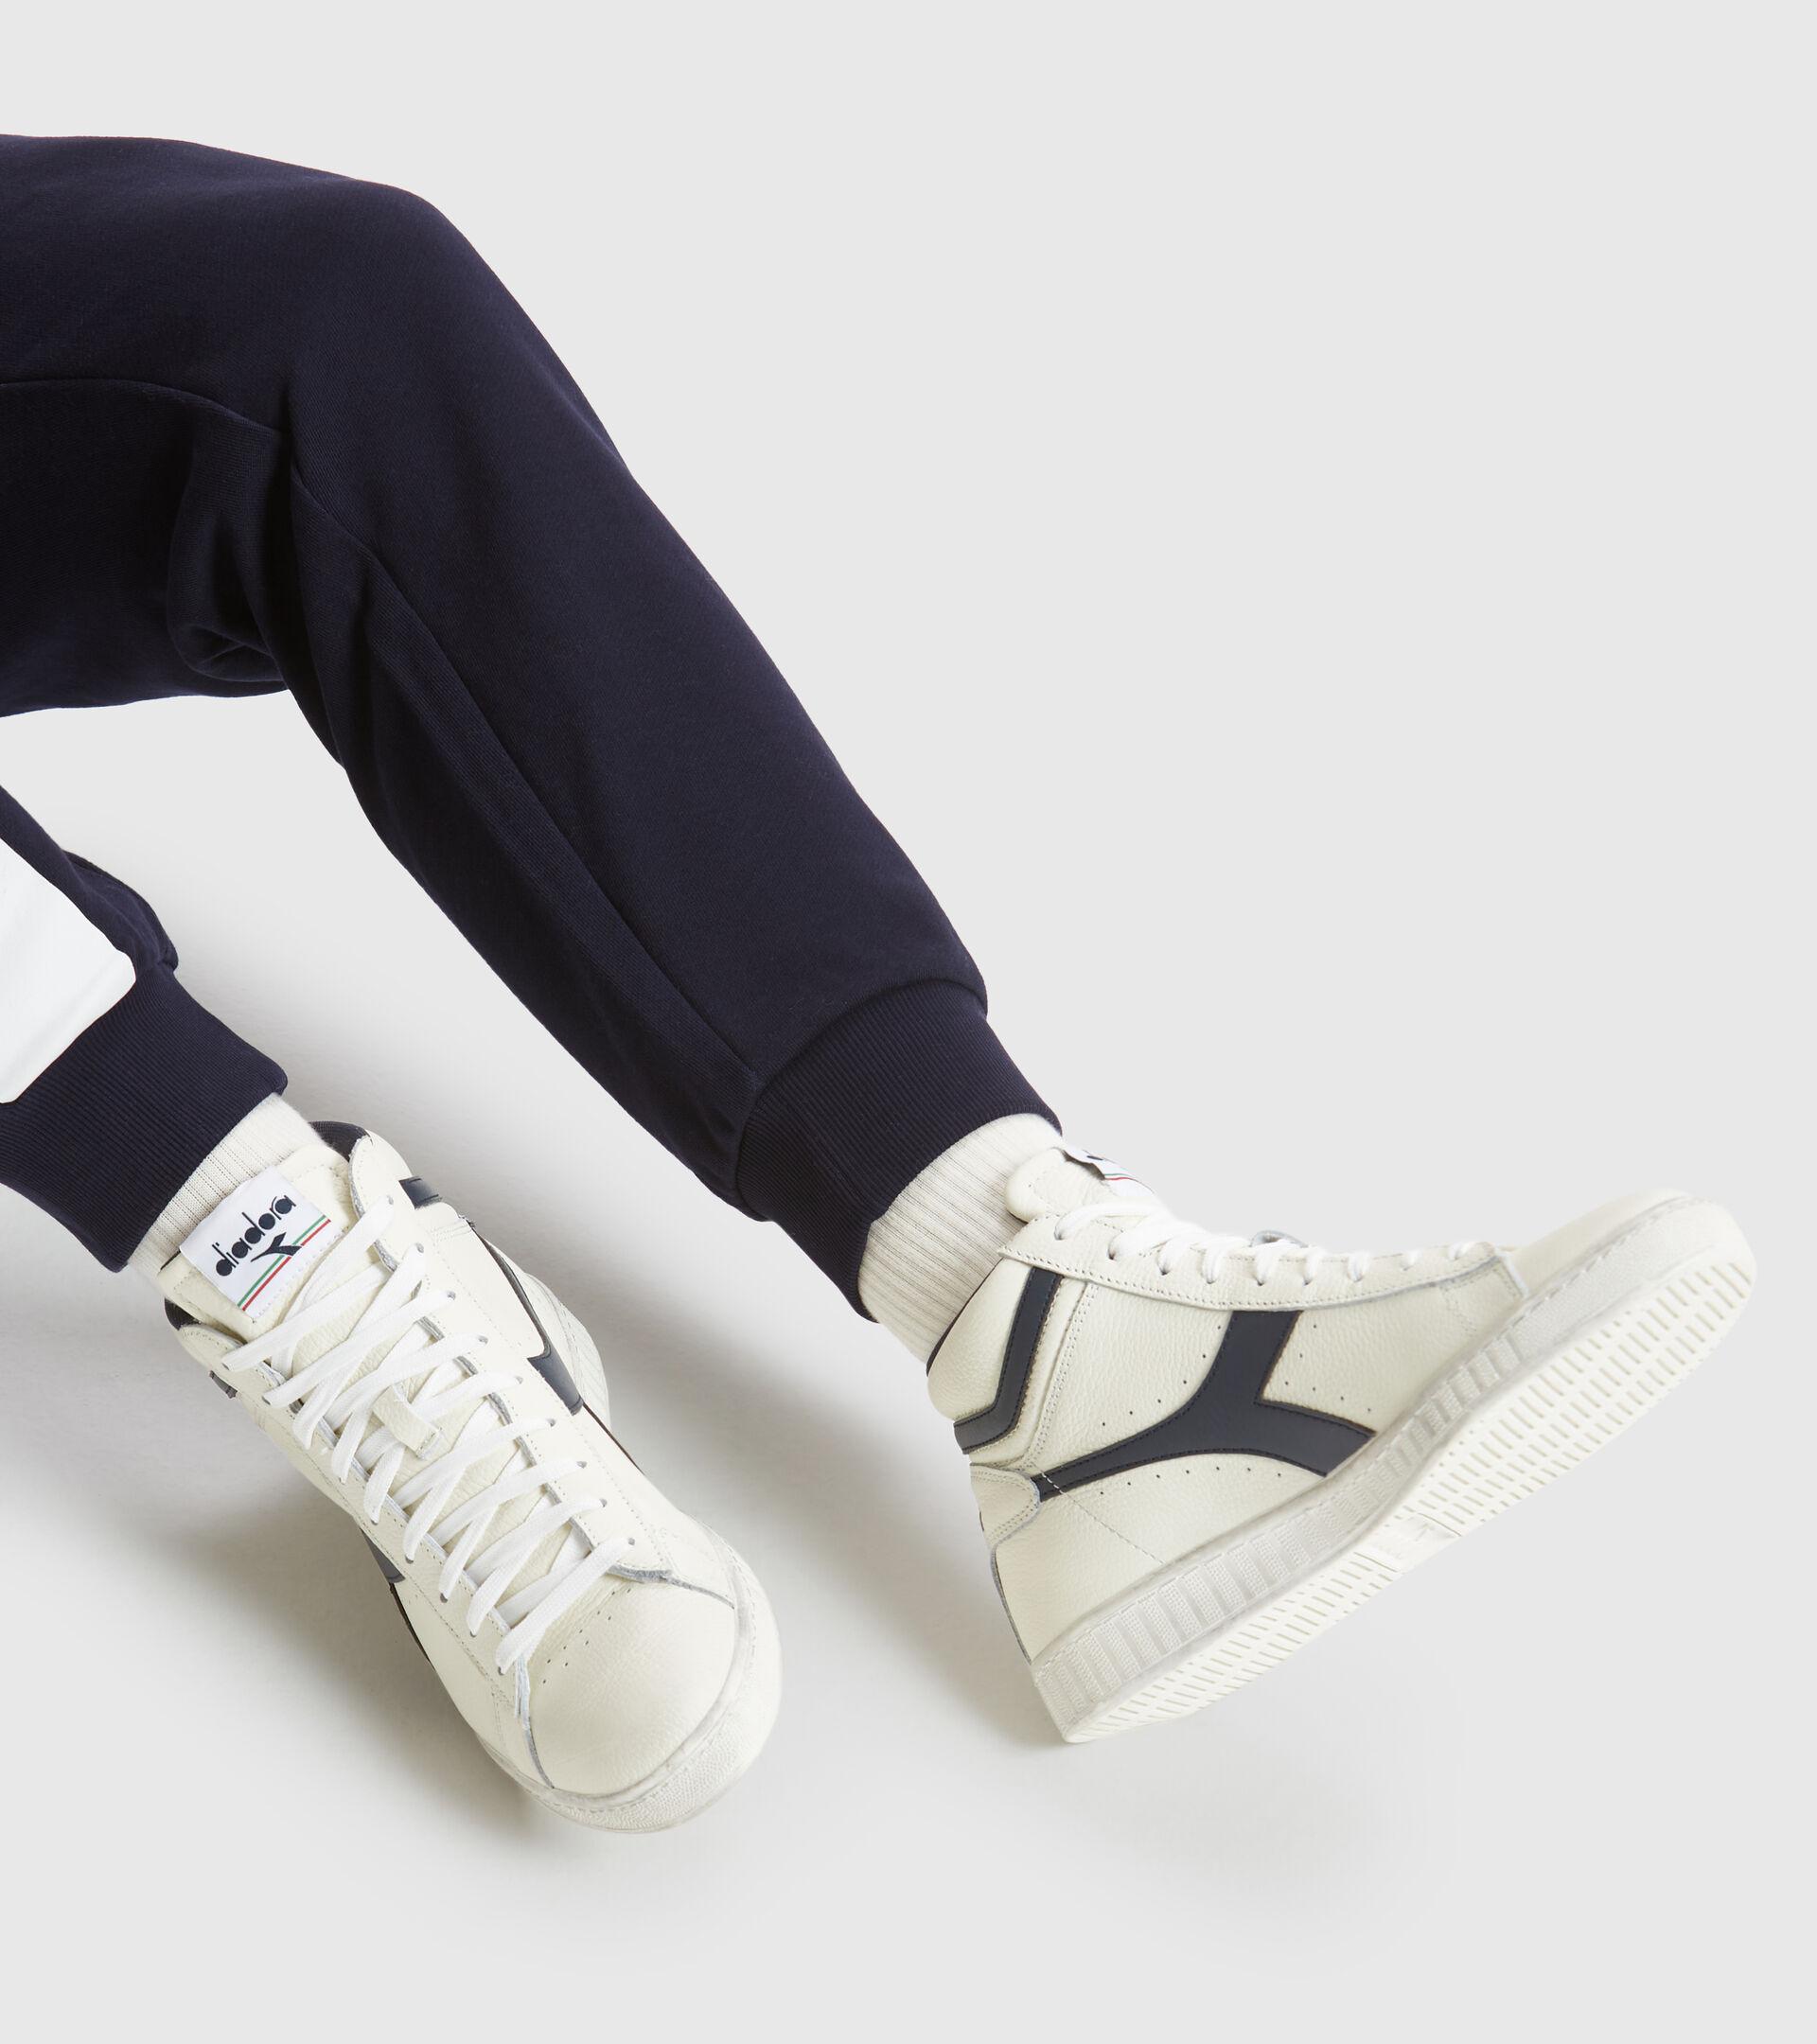 Zapatilla deportiva - Unisex GAME L HIGH WAXED BLANCO/UNIFORME AZUL - Diadora